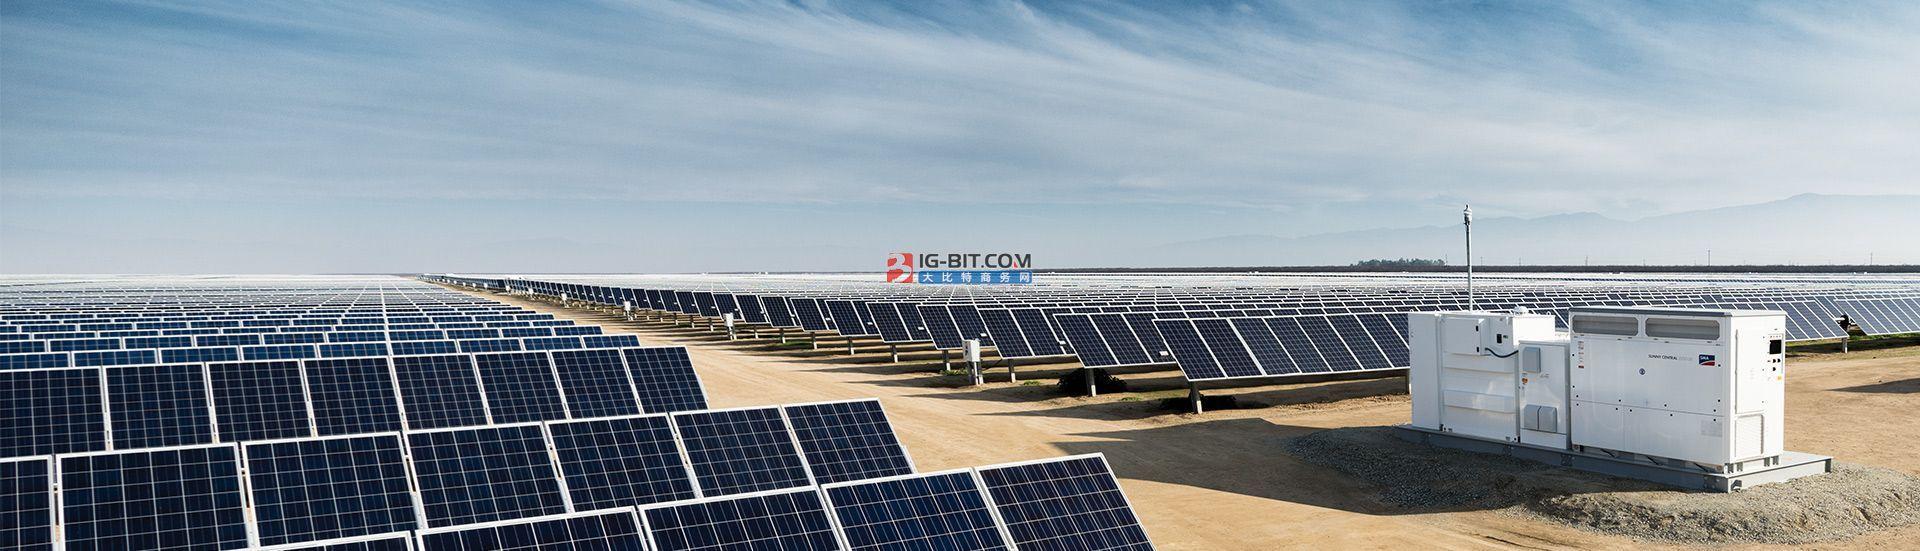 100MW!阿曼首个公用事业规模光伏电站投入运营